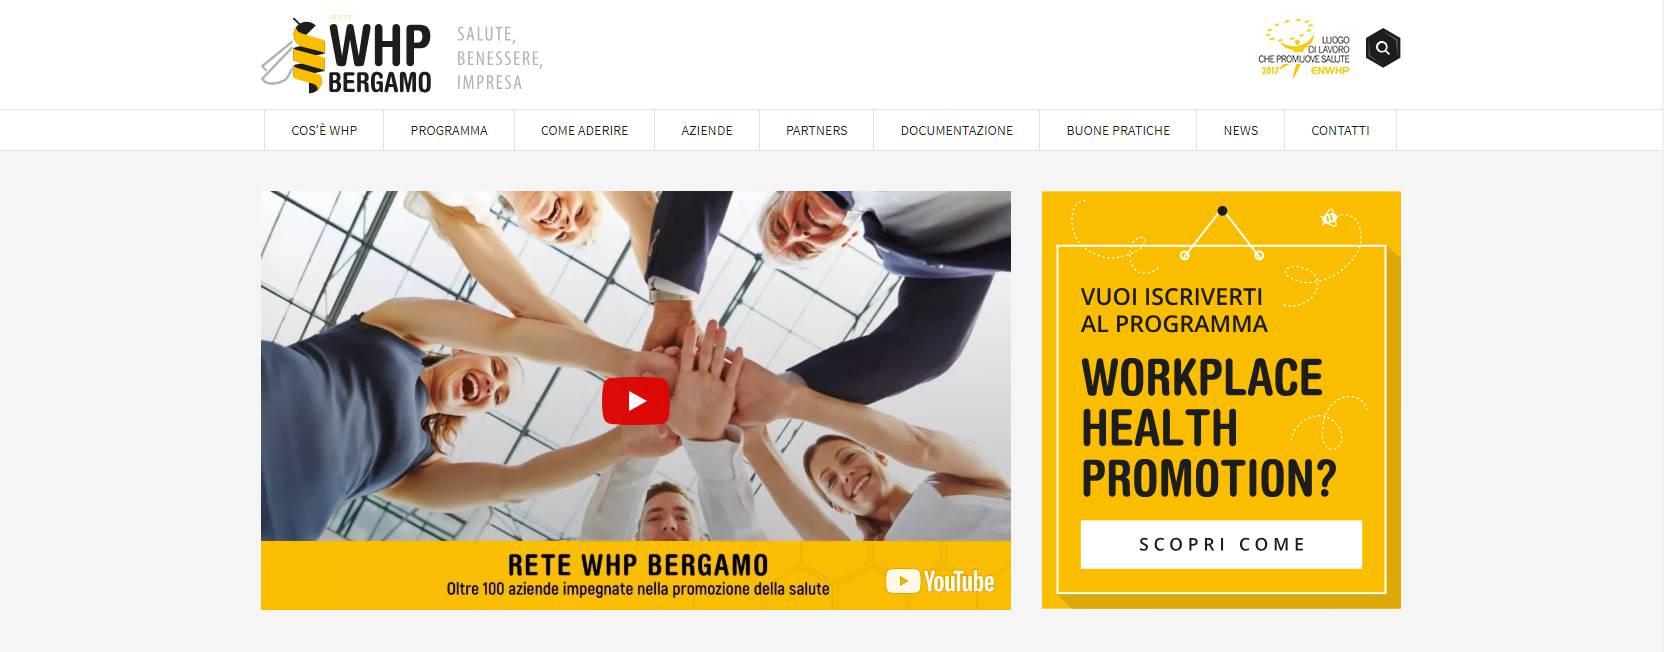 Whp Bergamo Salute Benessere E Impresa Anche Online Bergamo News